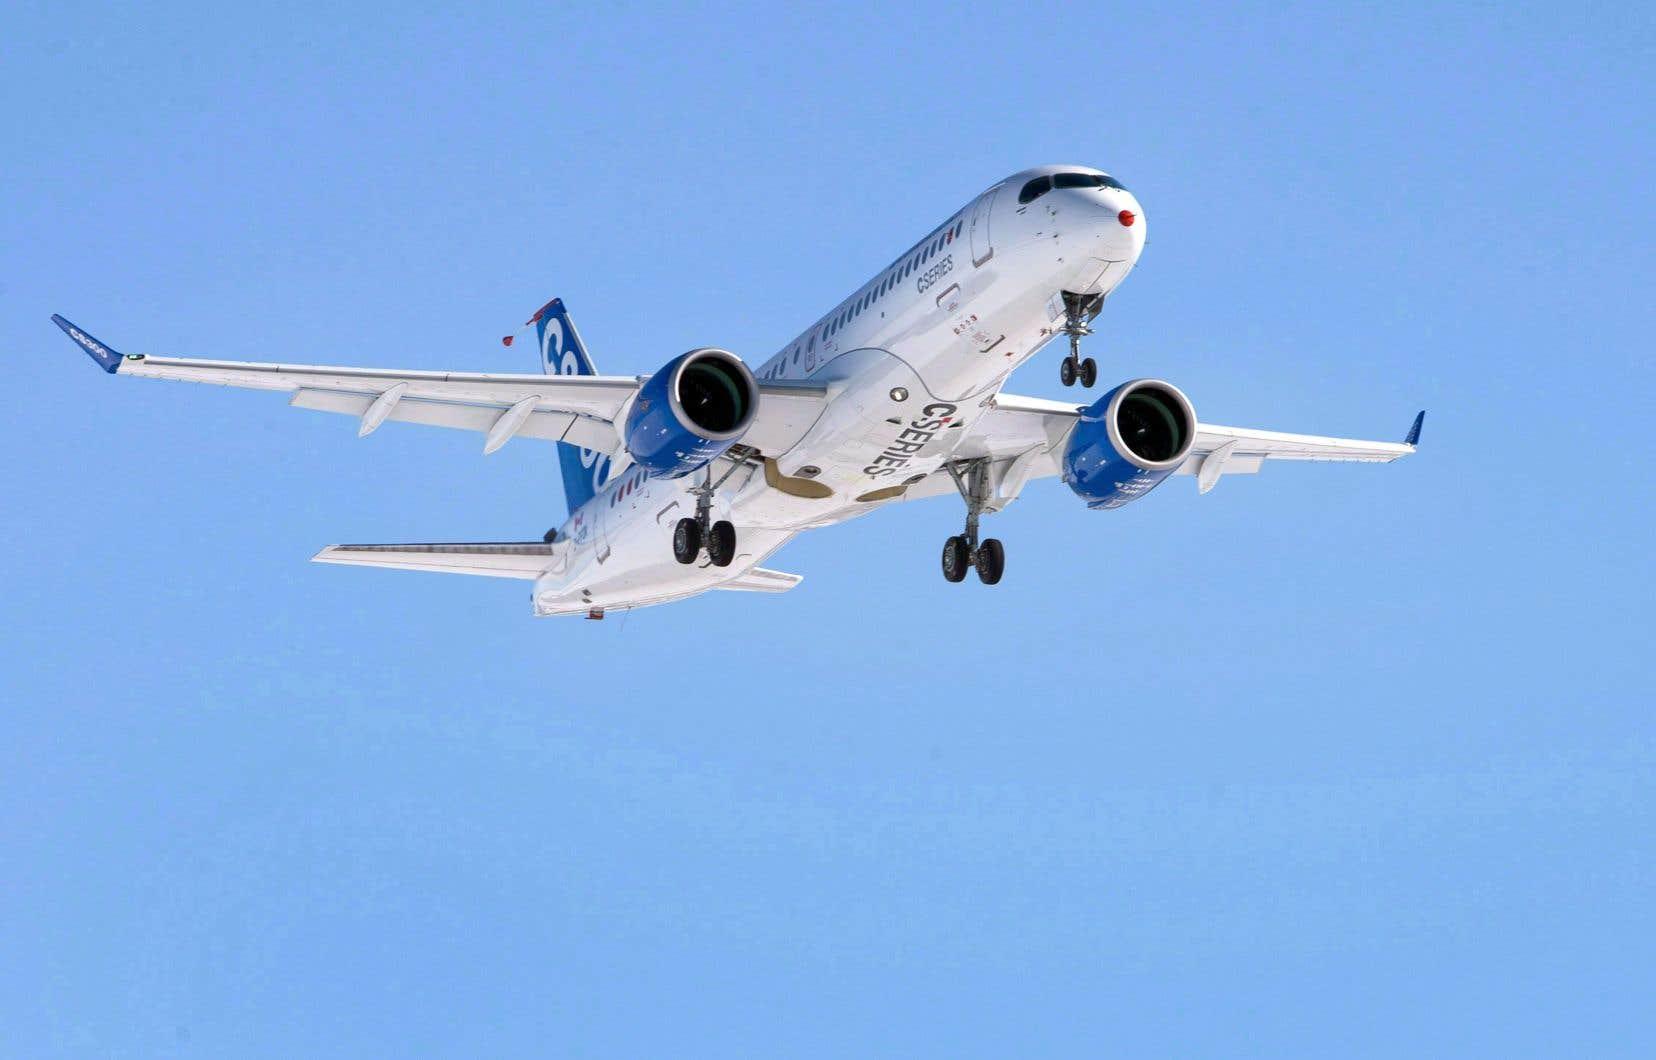 La décision «est une victoire pour l'innovation, la concurrence et la primauté du droit», a affirmé Bombardier.